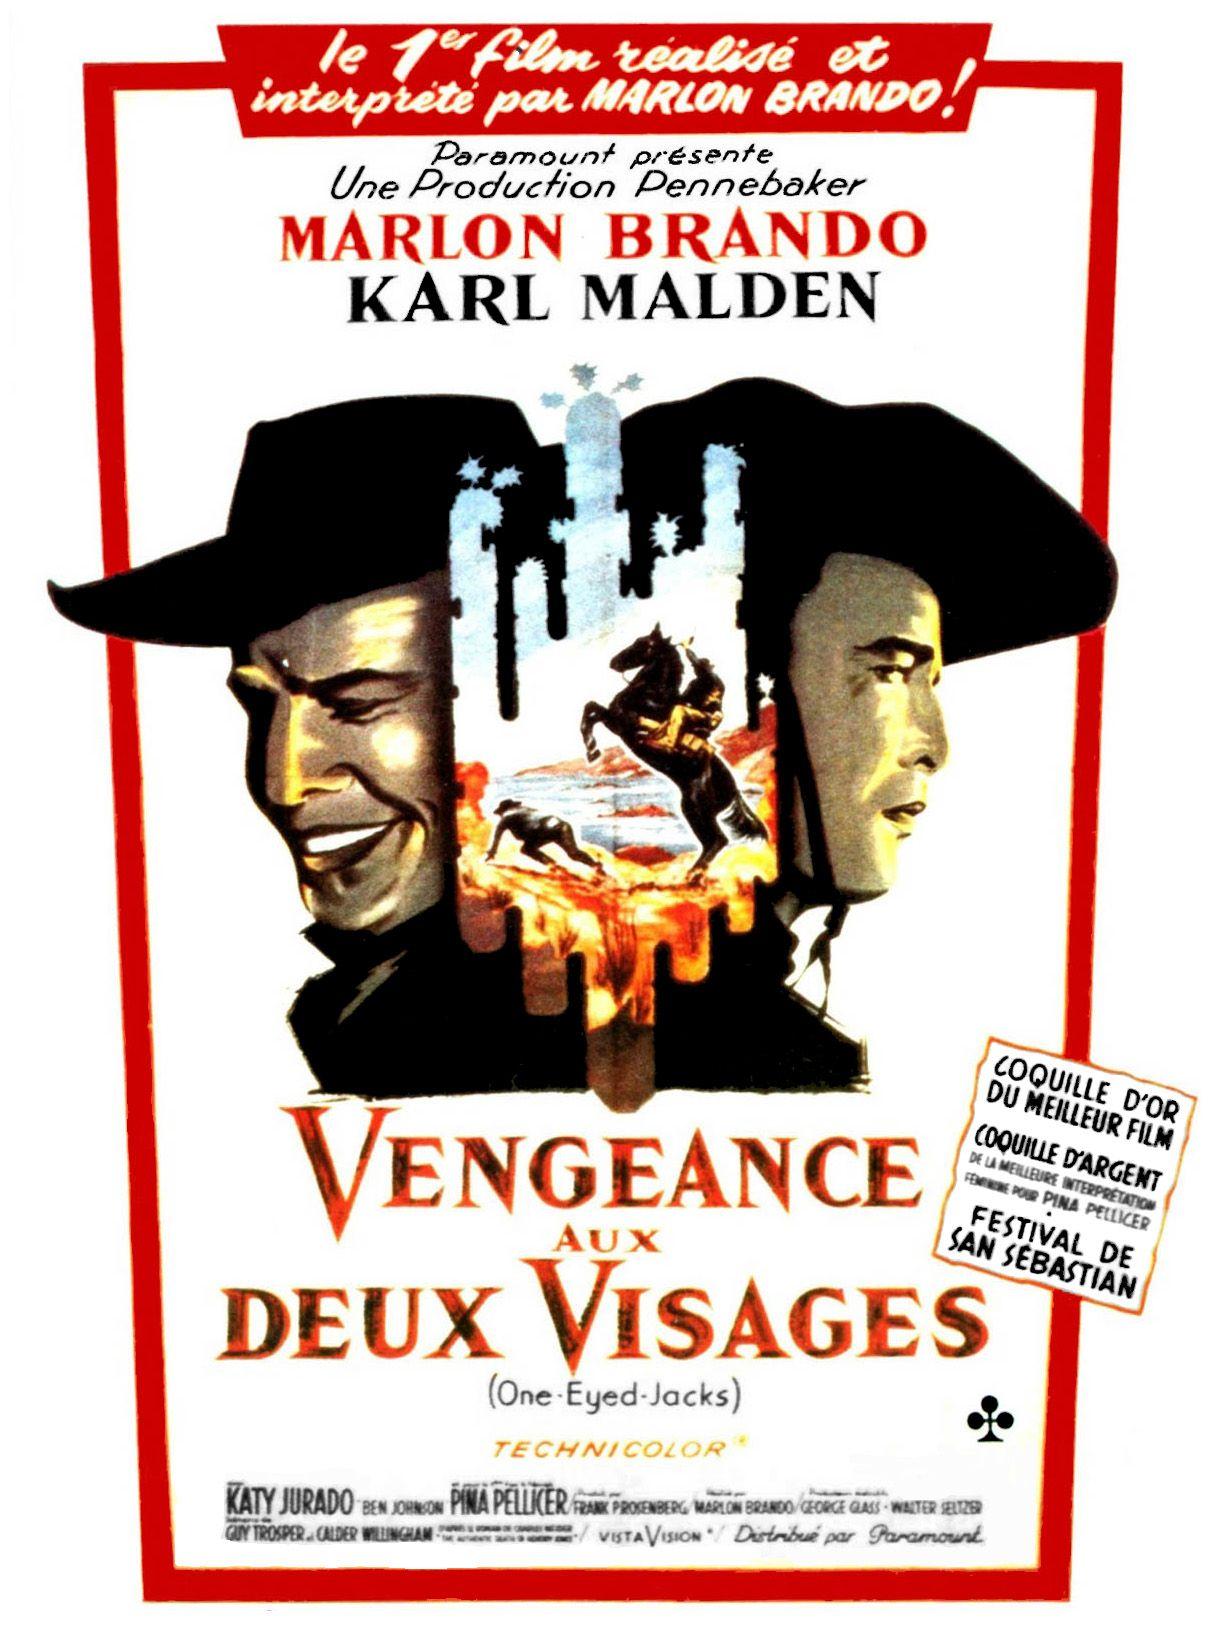 Votre dernier film visionné - Page 5 La_Vengeance_aux_deux_visages